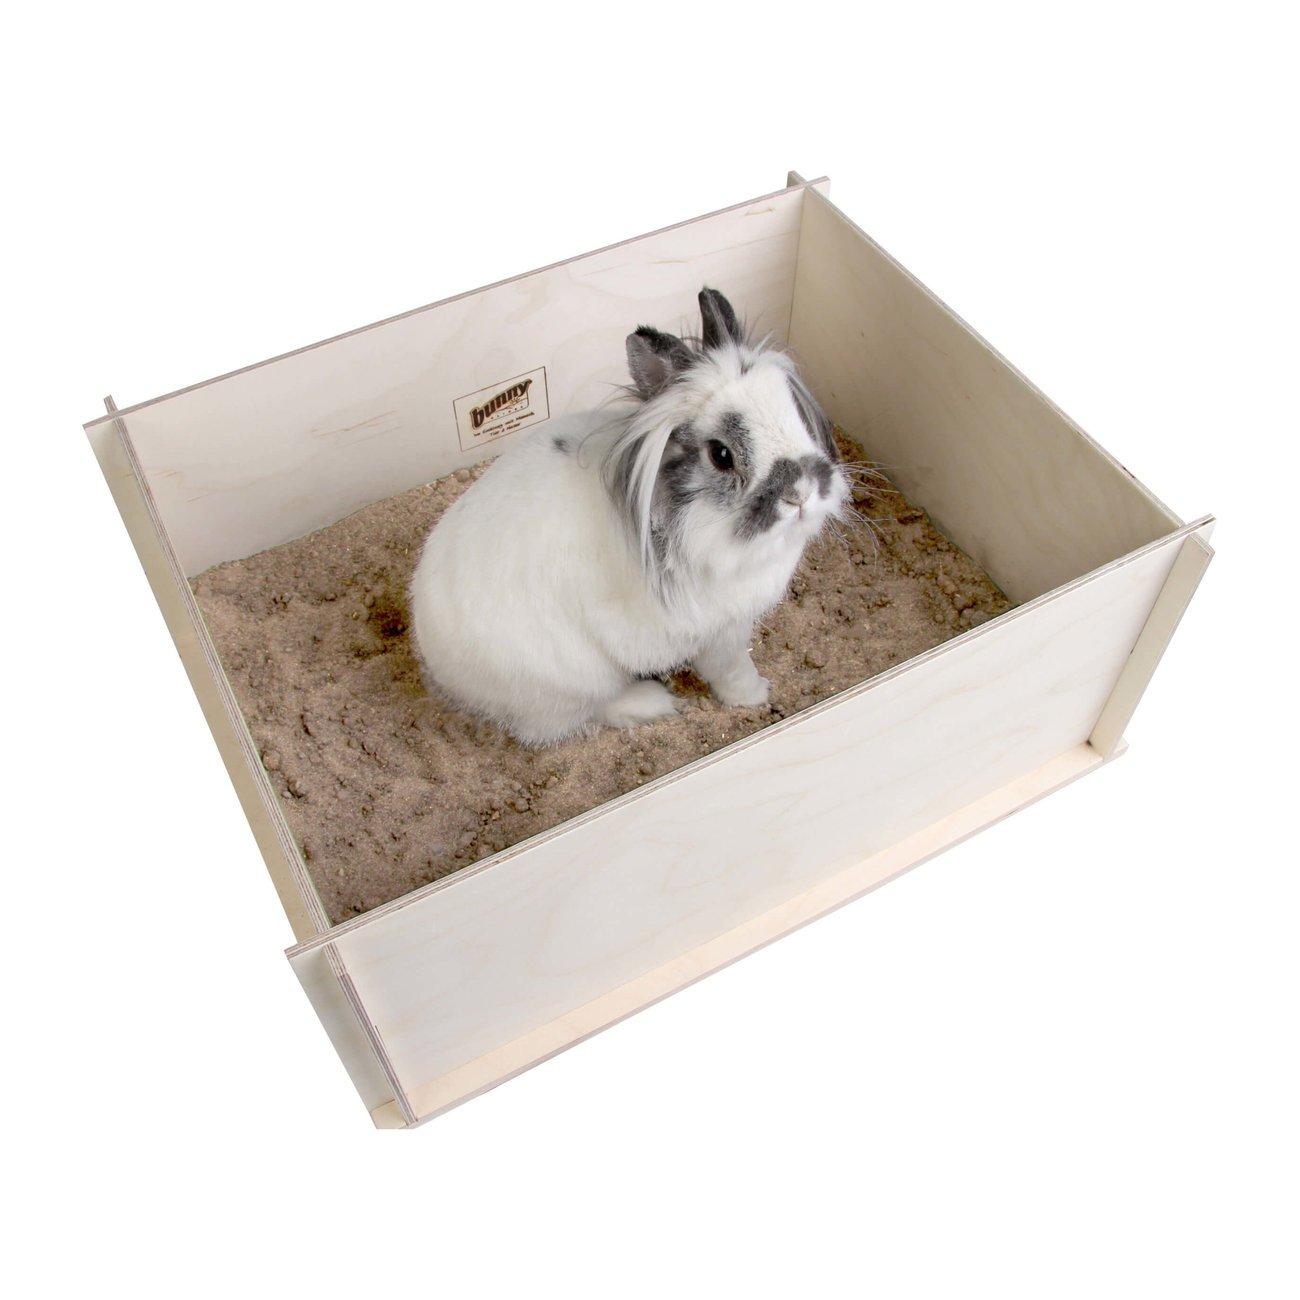 Bunny Buddelkiste für Kleintiere, 50 x 39 x 19,5 cm - ohne Inhalt